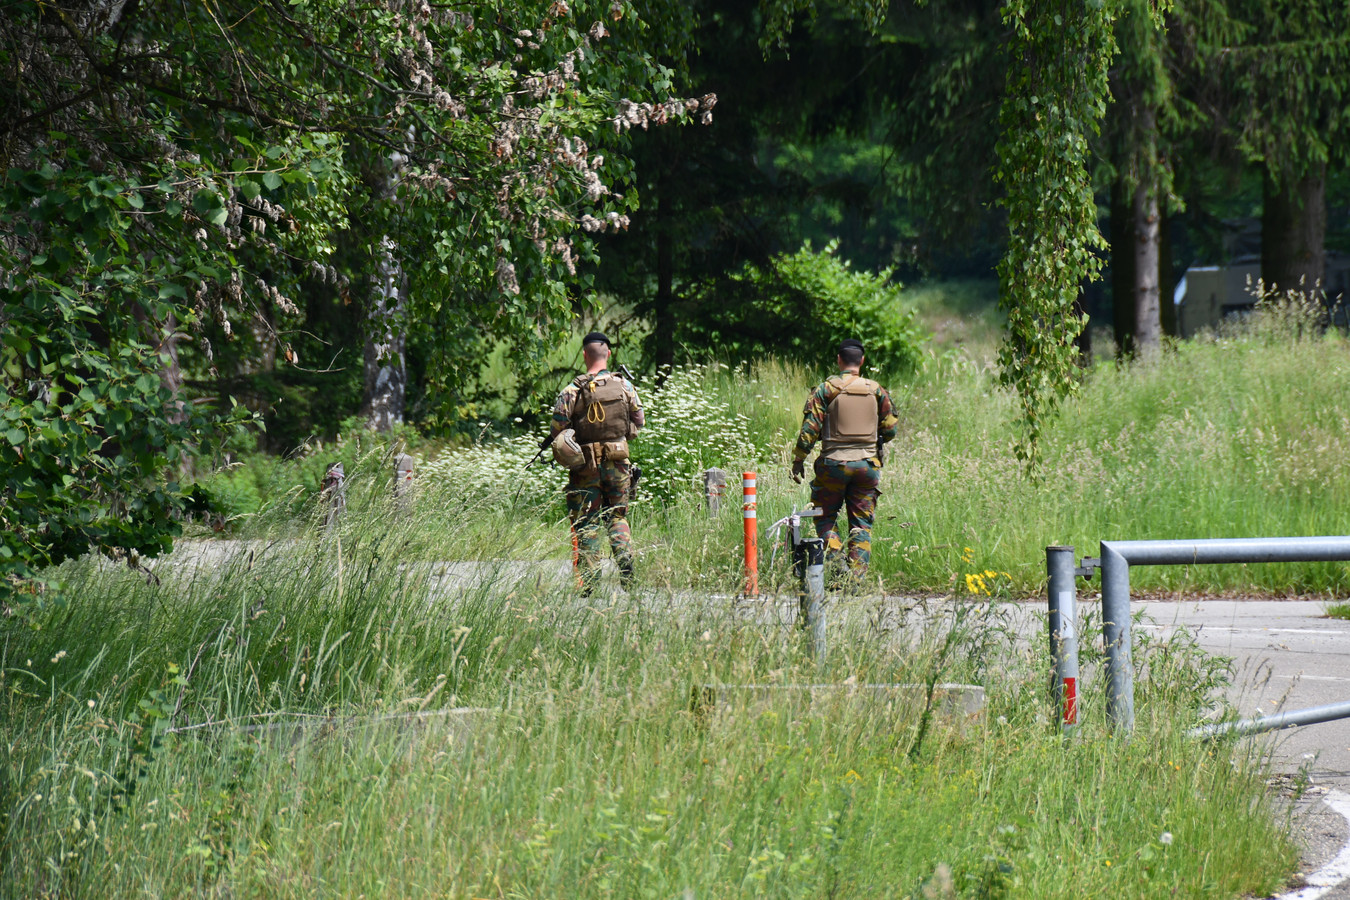 Des militaires sont déployés pour rechercher le soldat fugitif Jürgen Conings.